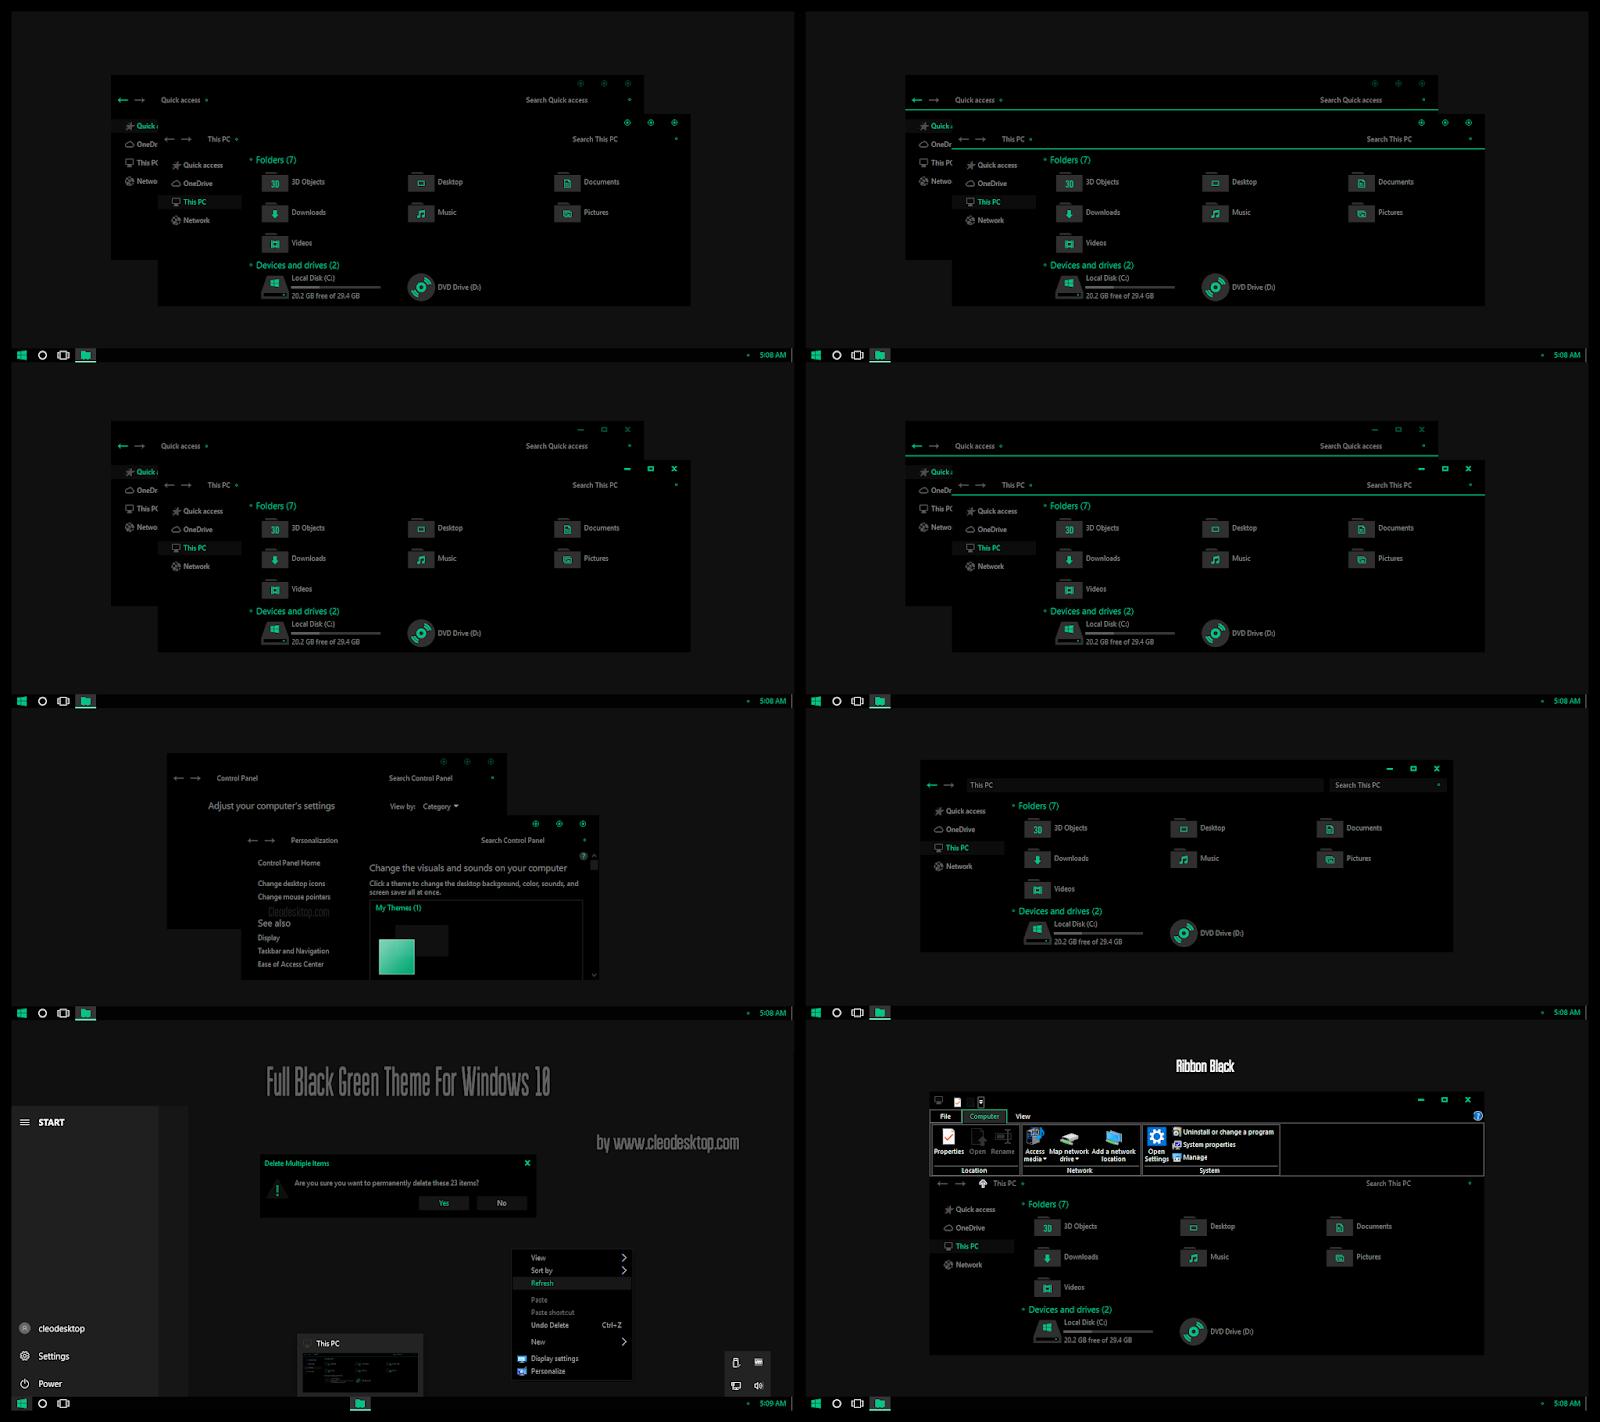 Full Black Green Theme Windows10 October 2018 Update 1809